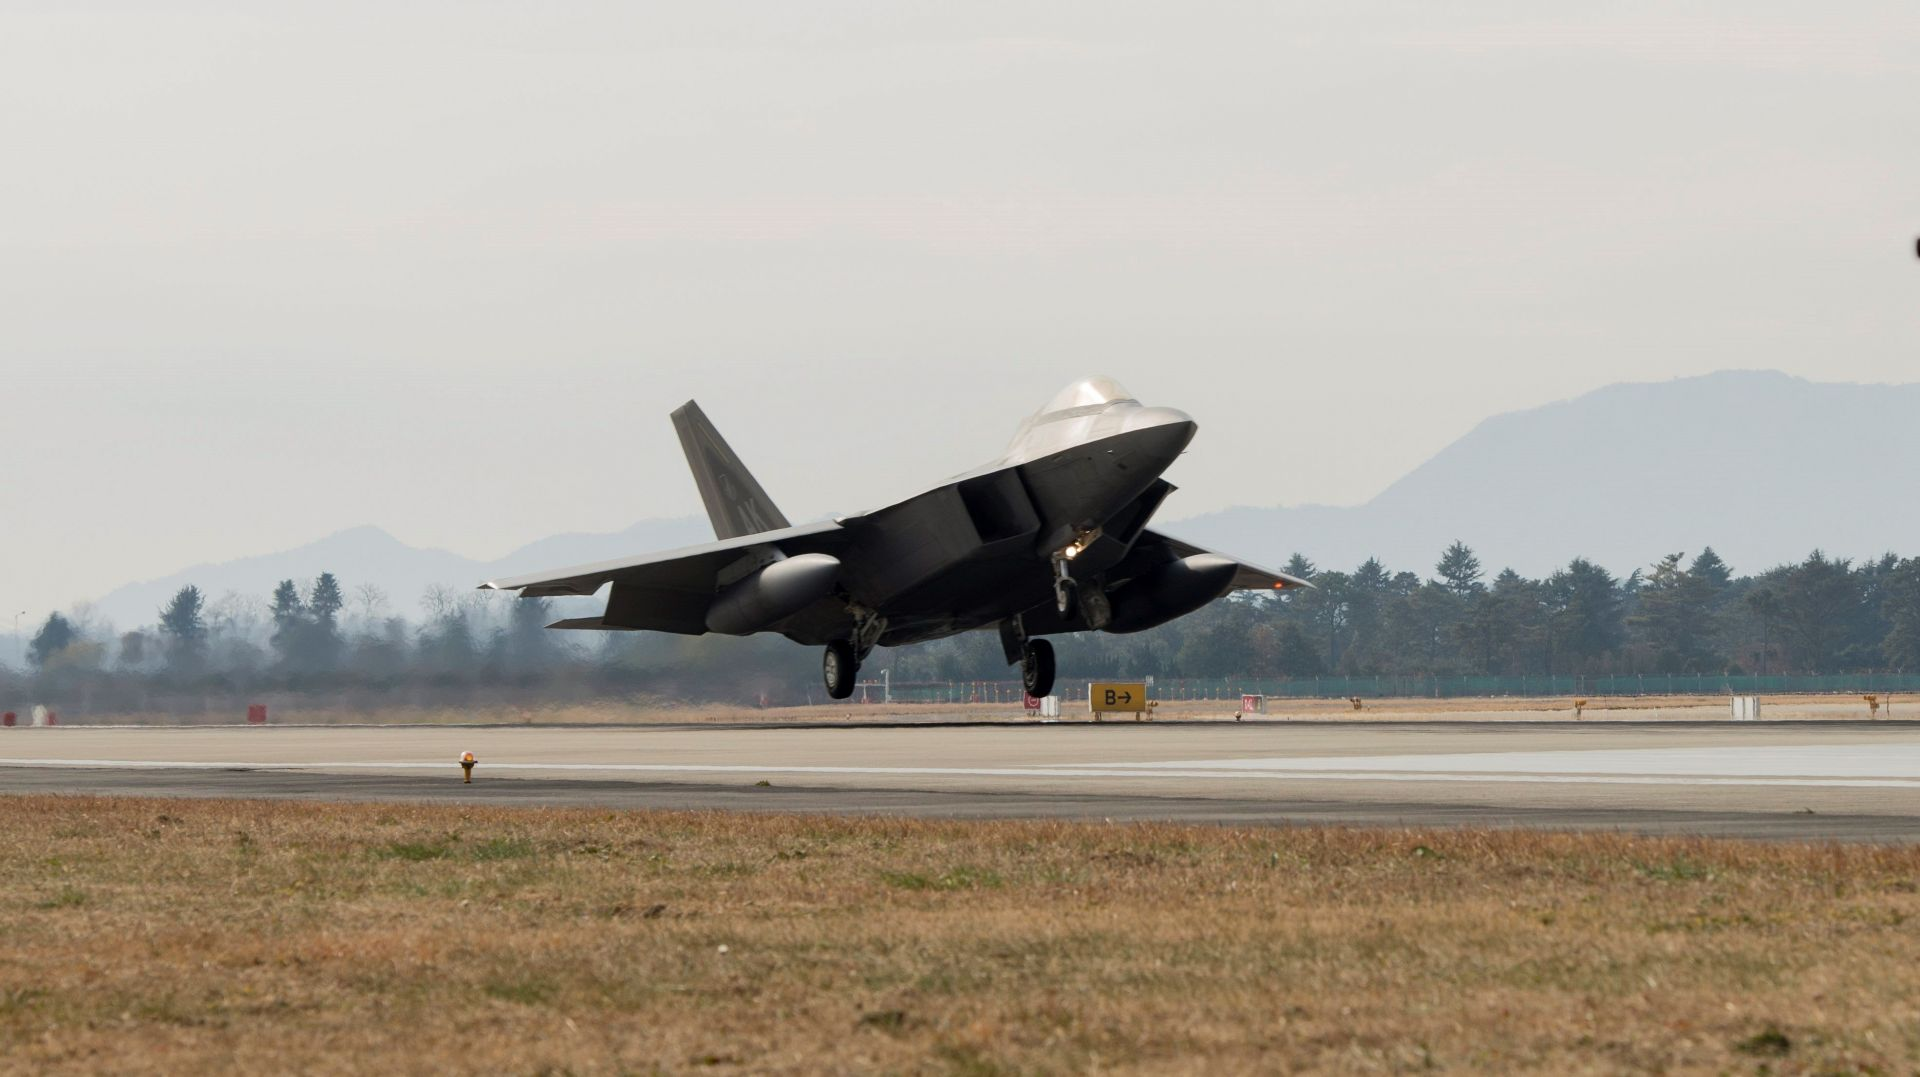 EEUU y Corea del Sur inician grandes maniobras aéreas tras misil norcoreano